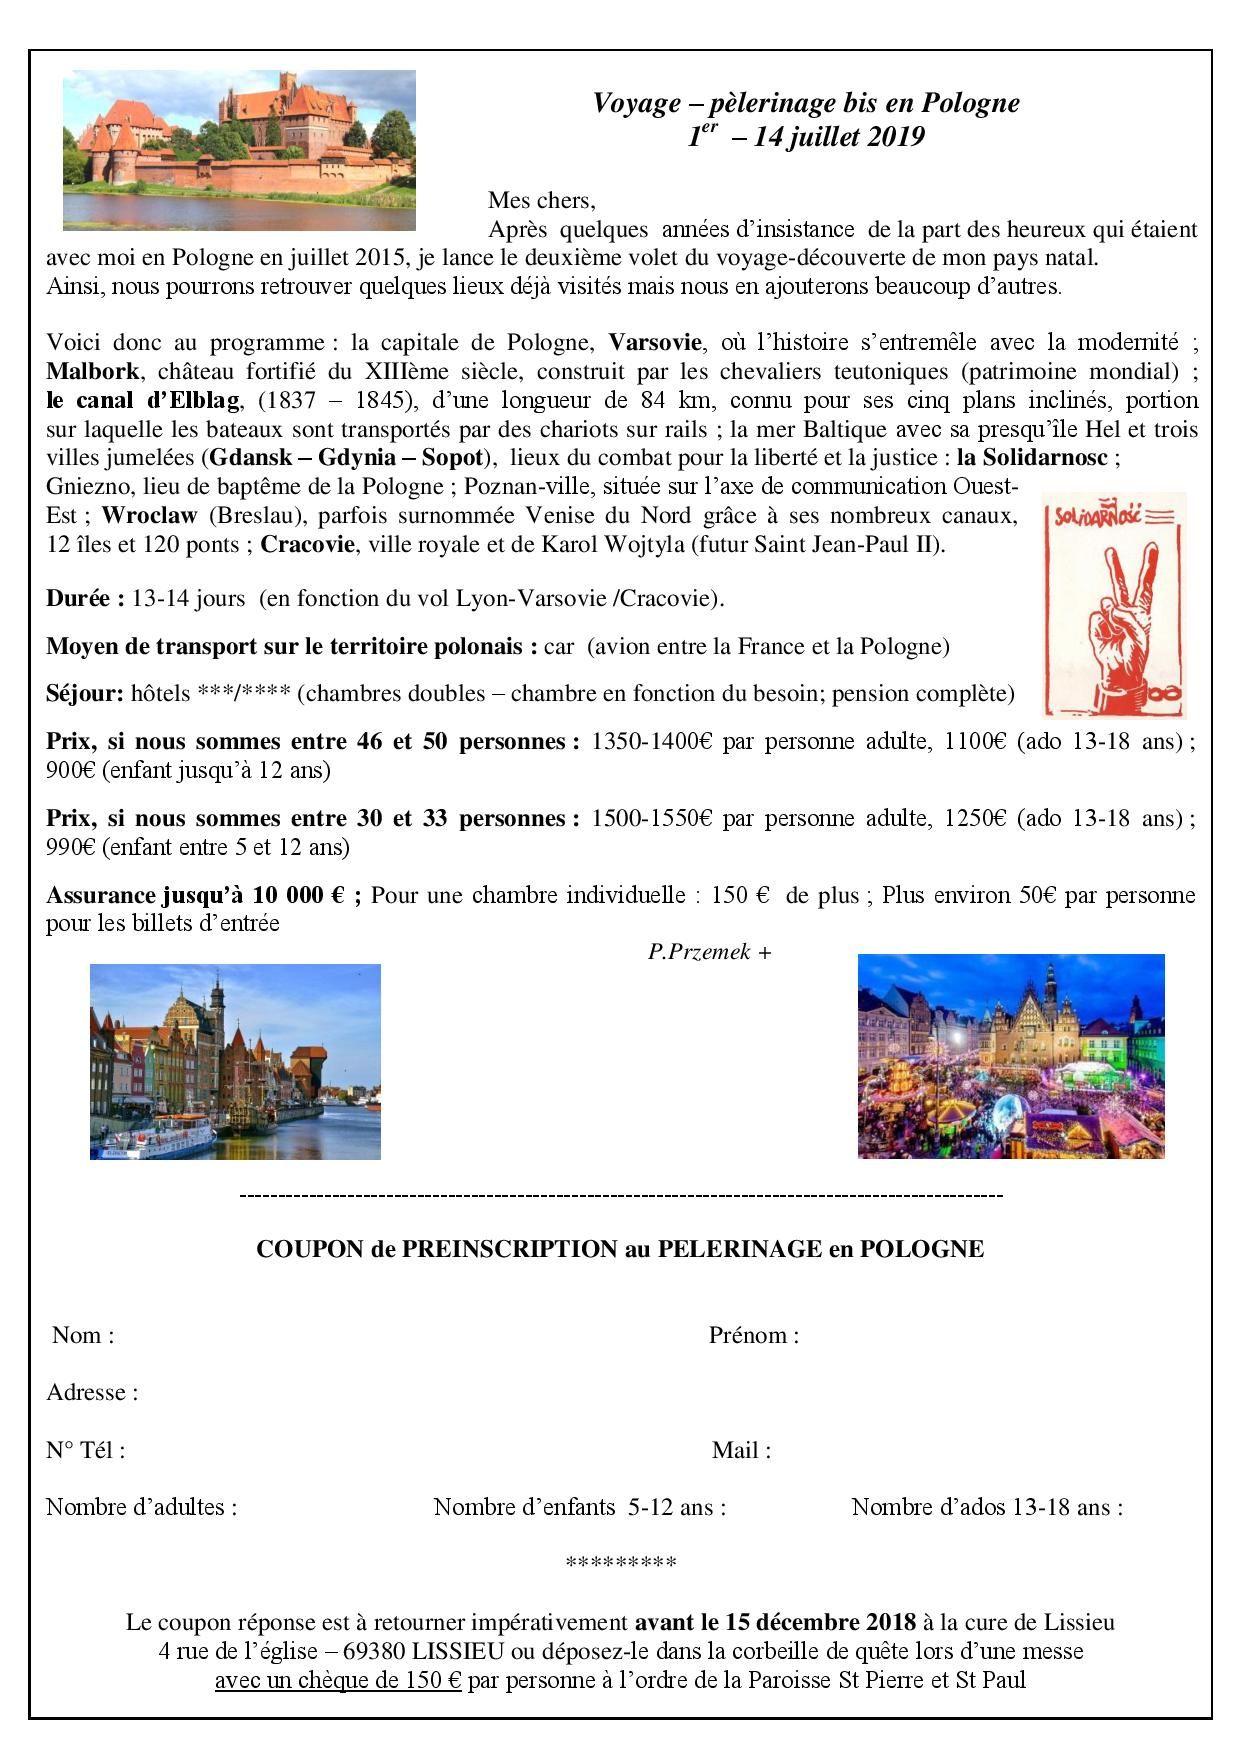 Programme du pèlerinage en Pologne 2019